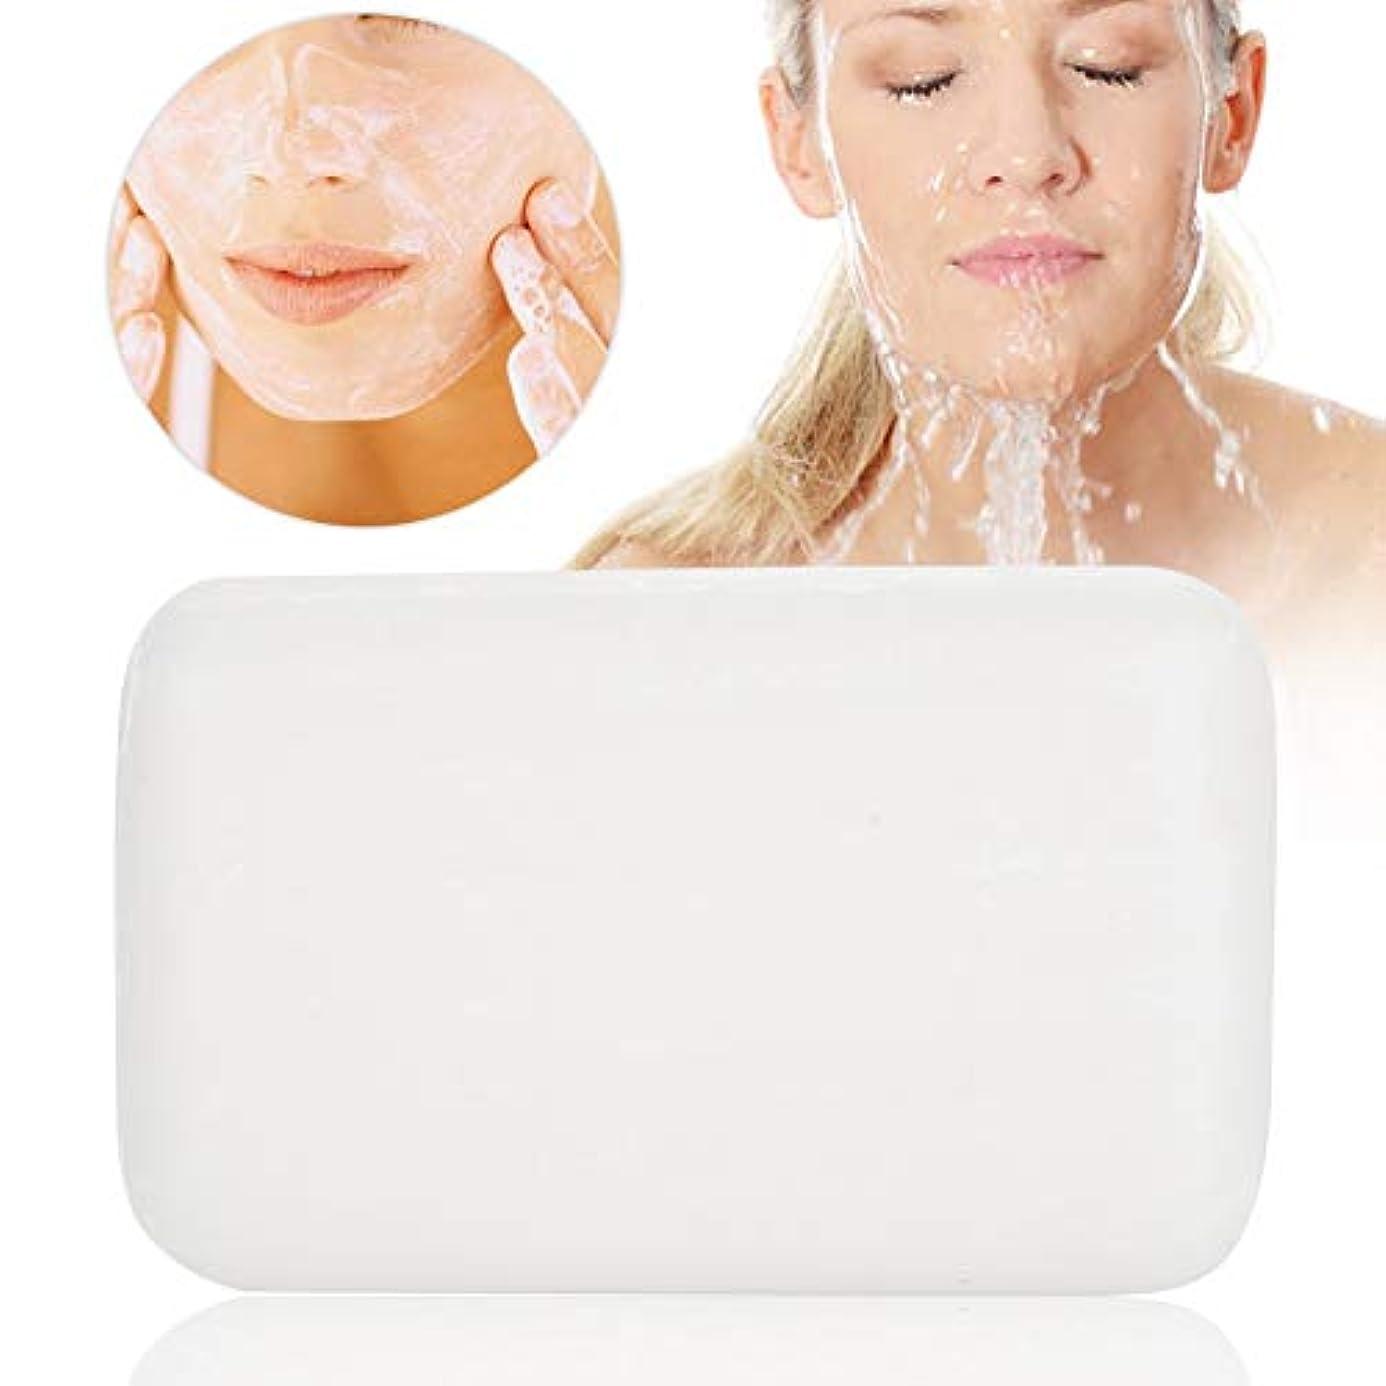 アンドリューハリディ姉妹動洗顔石鹸 石鹸 シミ取り! 洗顔石けん 無添加 低刺激性 化粧石鹸(洗顔?全身用) せっけん バスサイズ